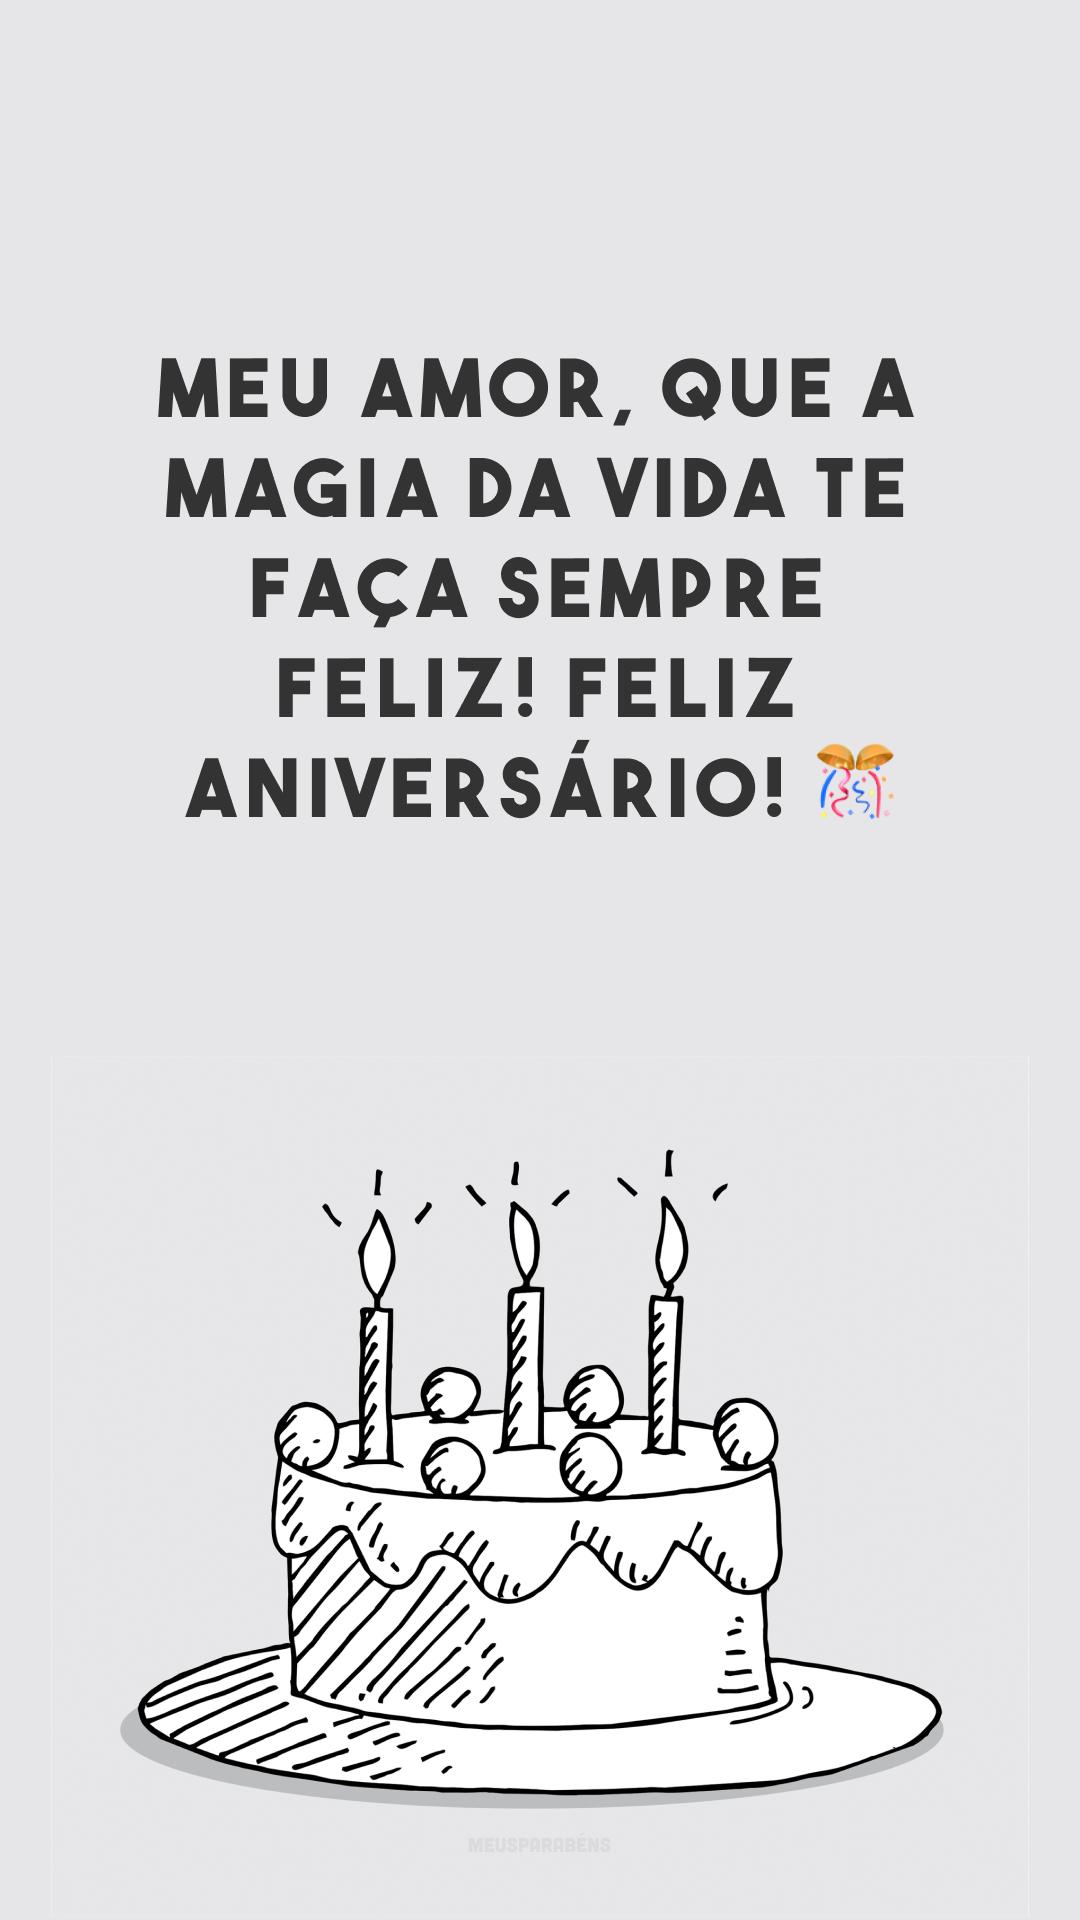 Meu amor, que a magia da vida te faça sempre feliz! Feliz aniversário! 🎊